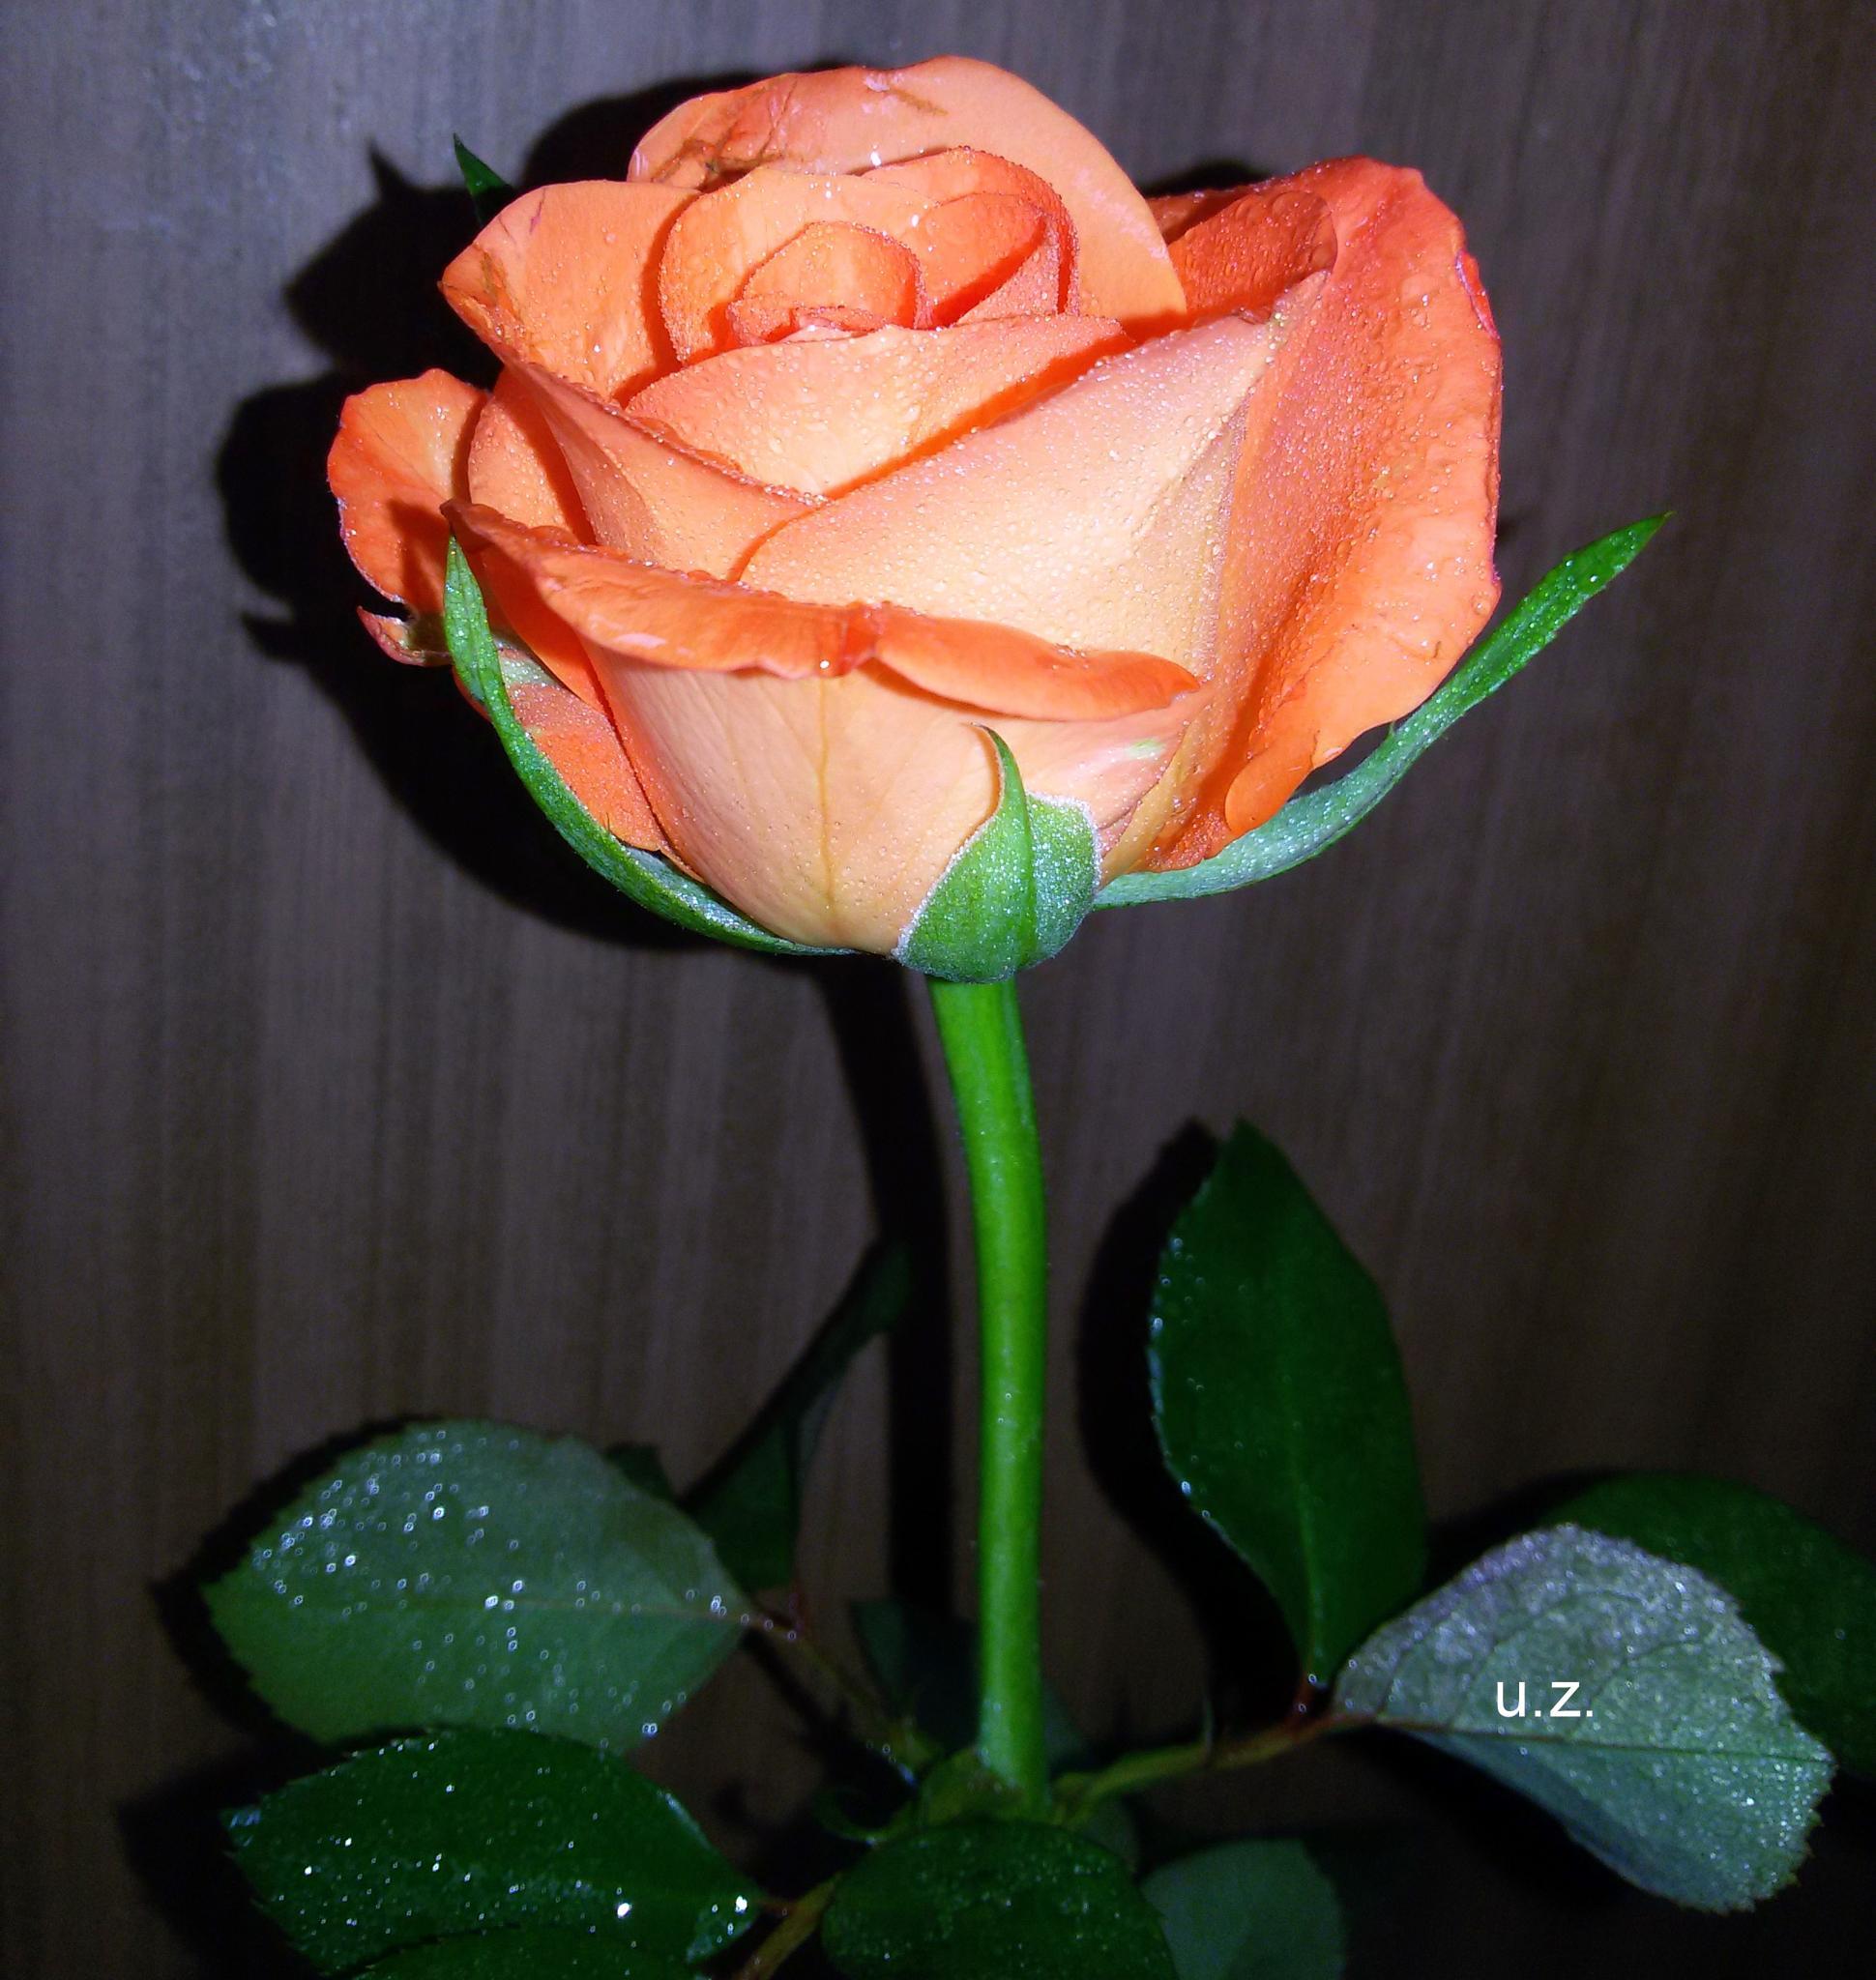 Pink rose. by Zita Užkuraitienė